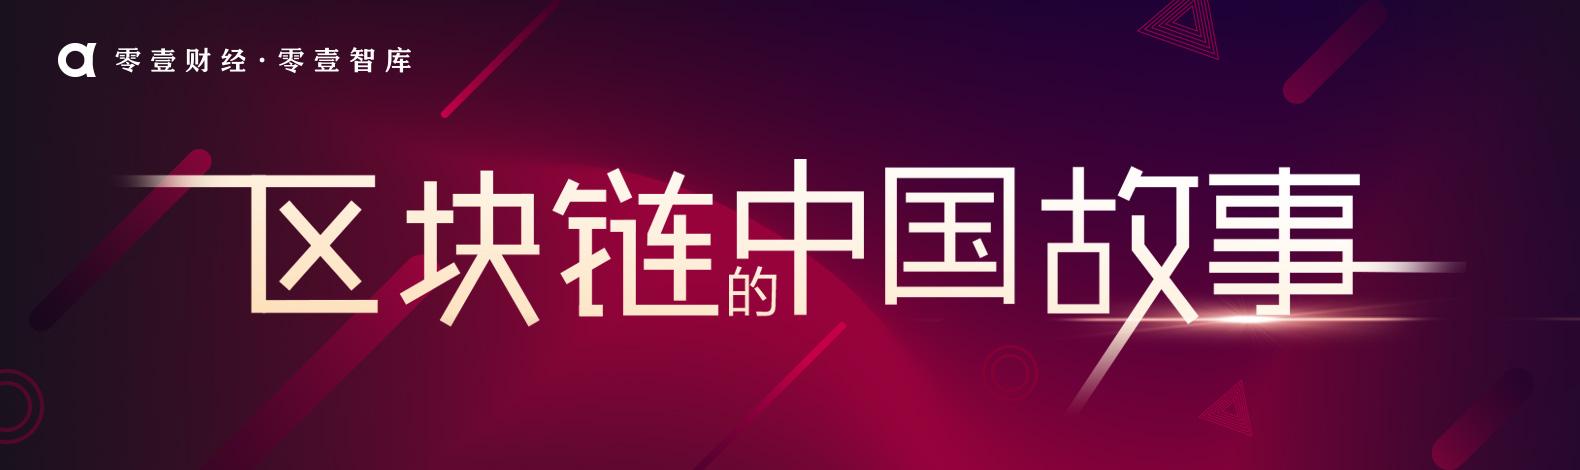 区块链的中国故事